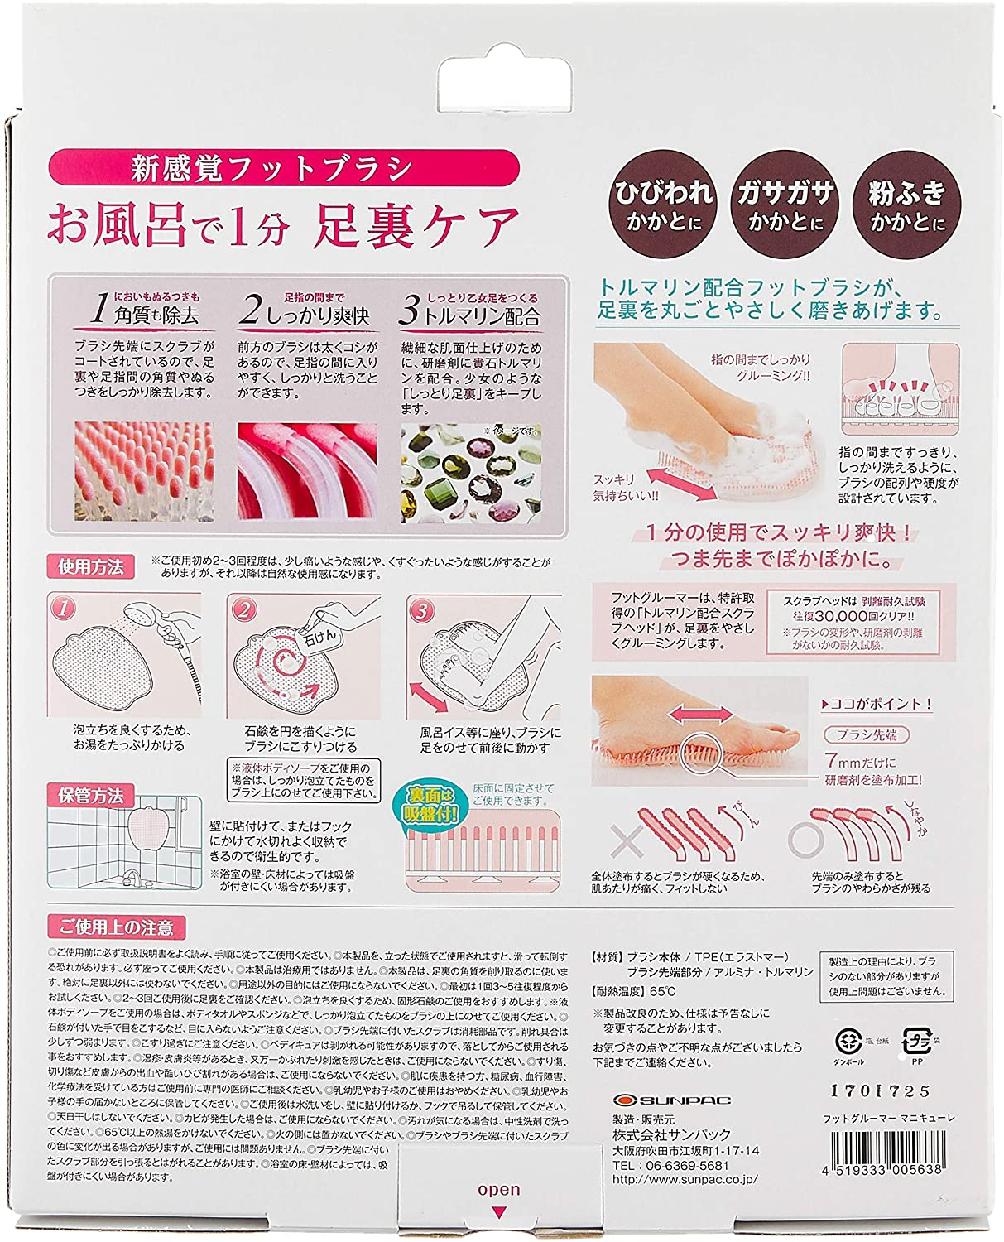 Sunpac(サンパック) フットグルーマーマニキューレの商品画像6